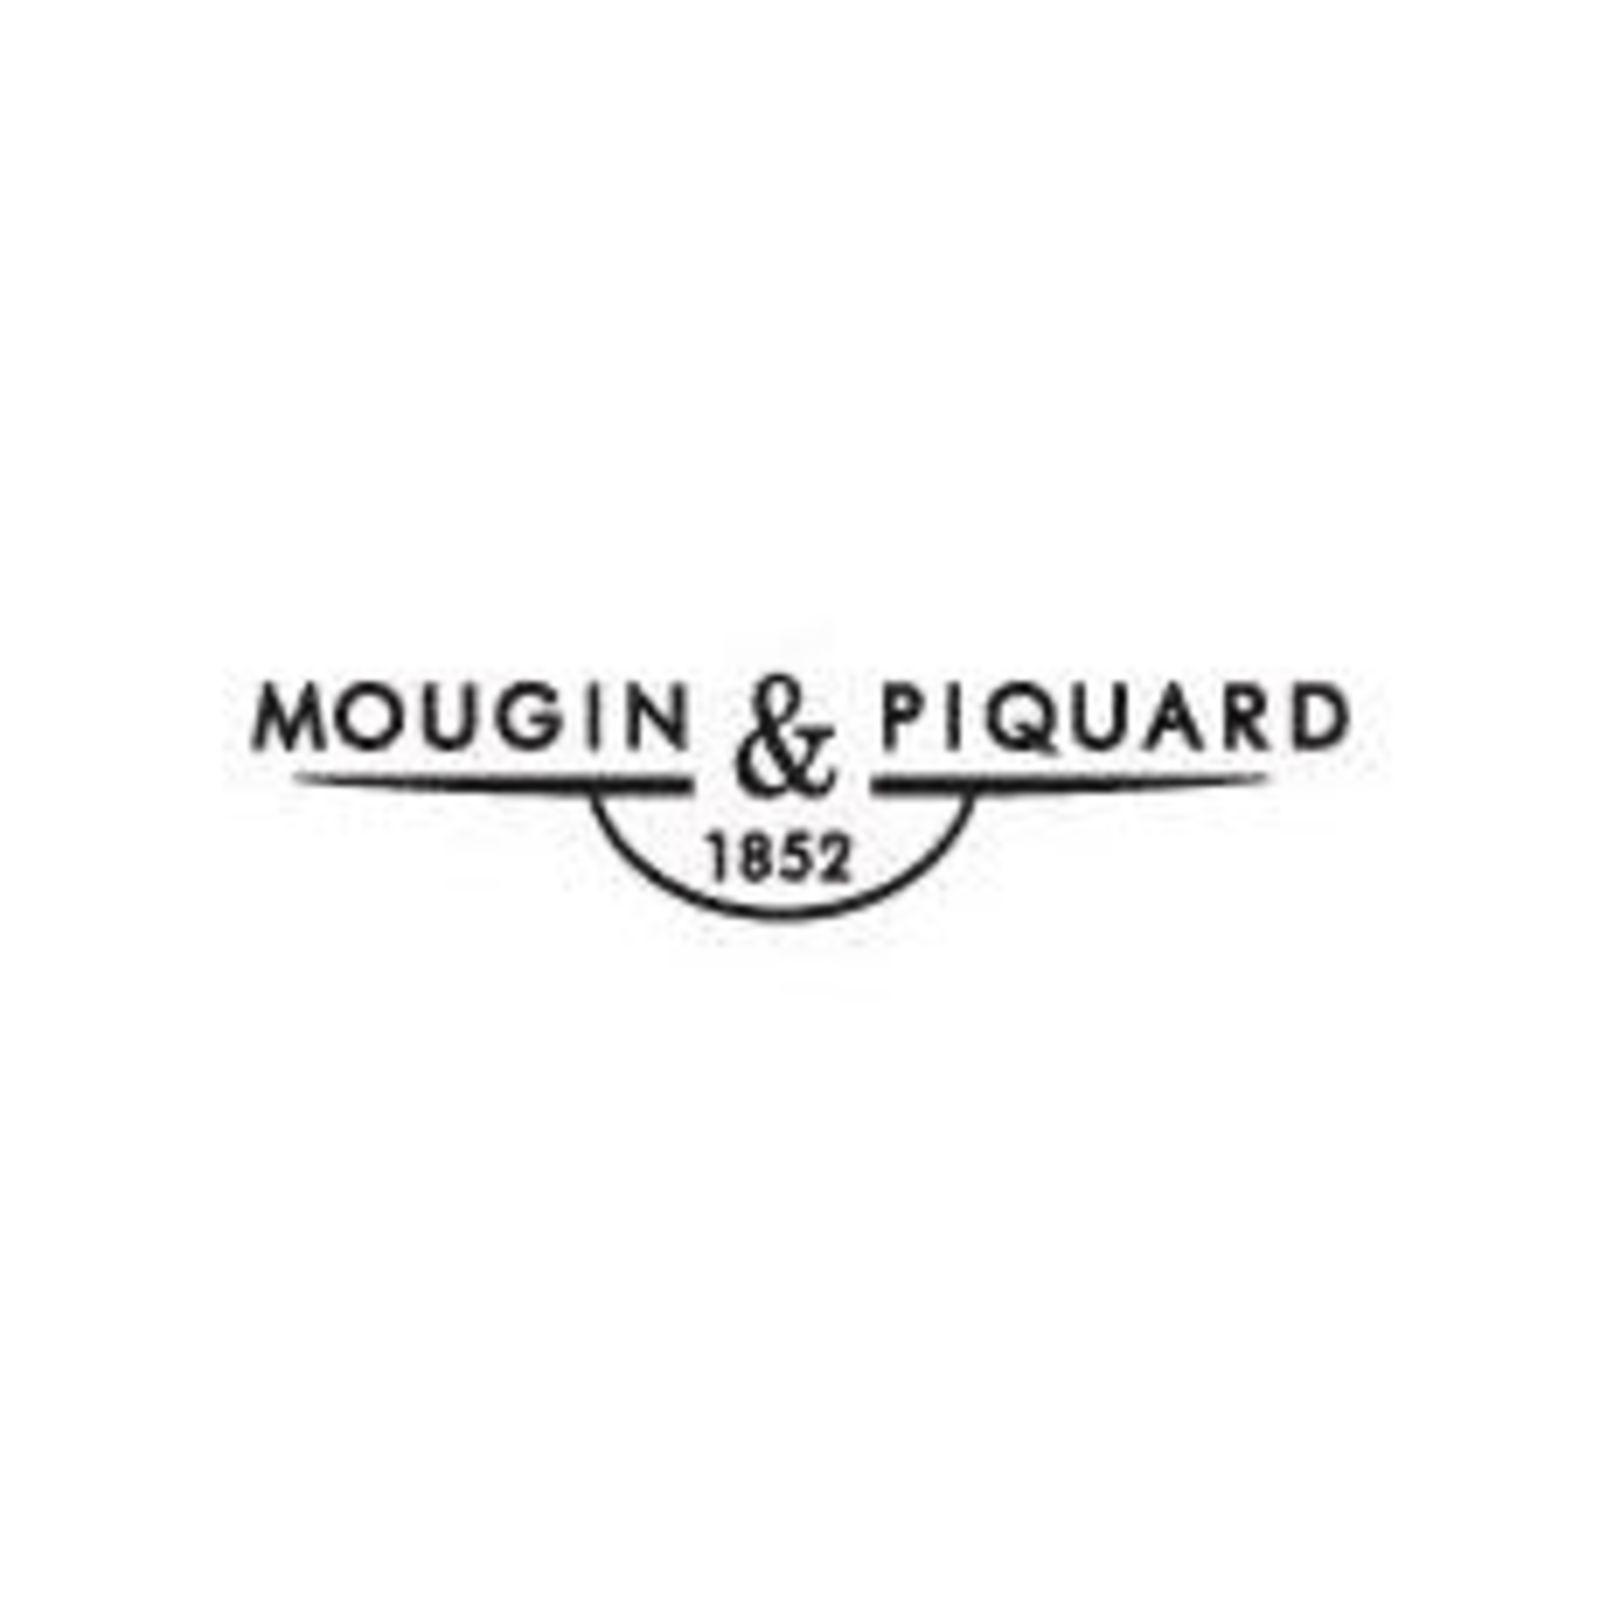 MOUGIN & PIQUARD